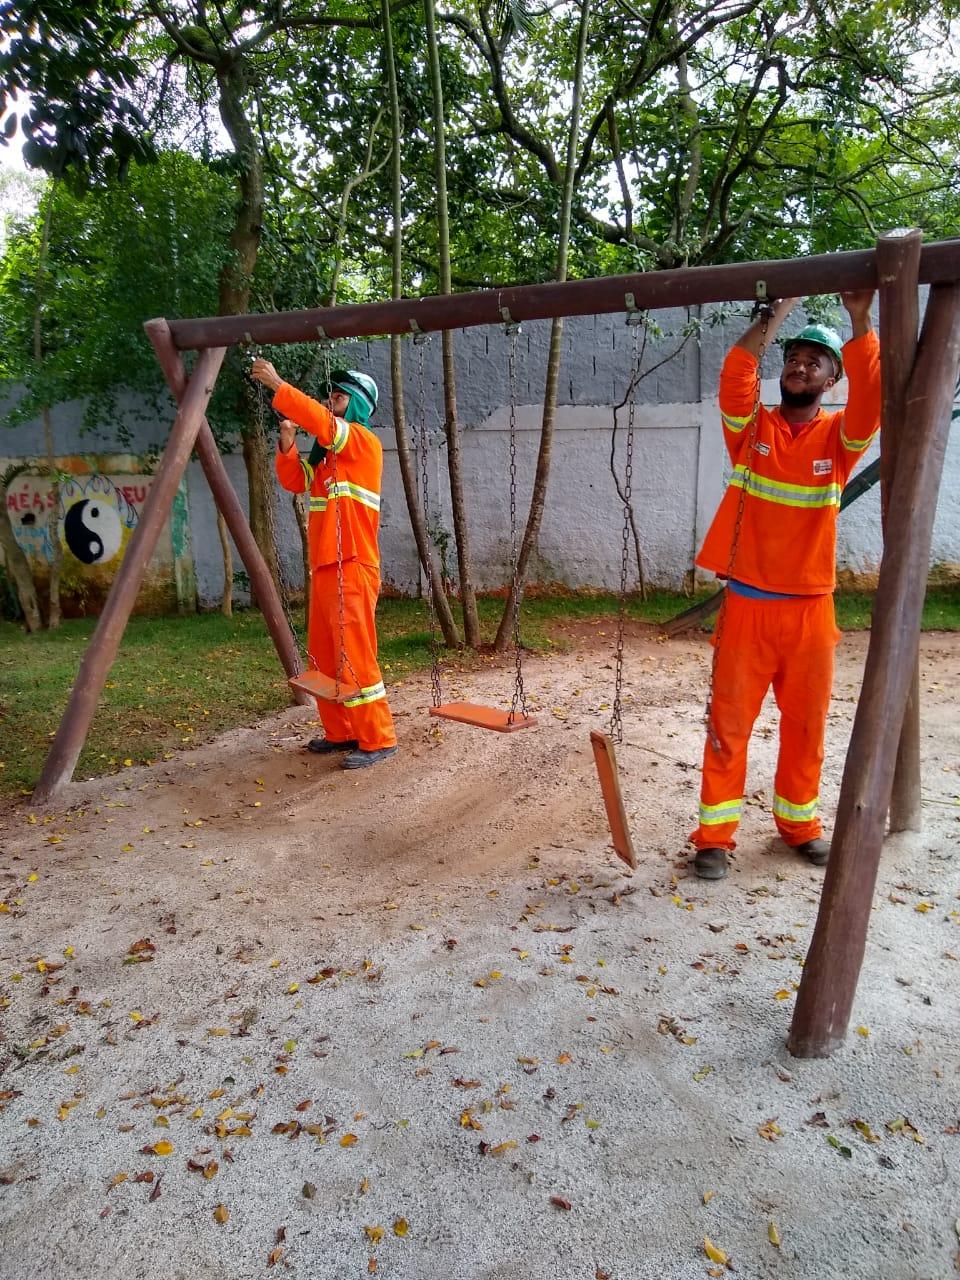 #PraCegoVer - Trabalhadores da Subprefeitura instalam ferragens novas do balanço no local.